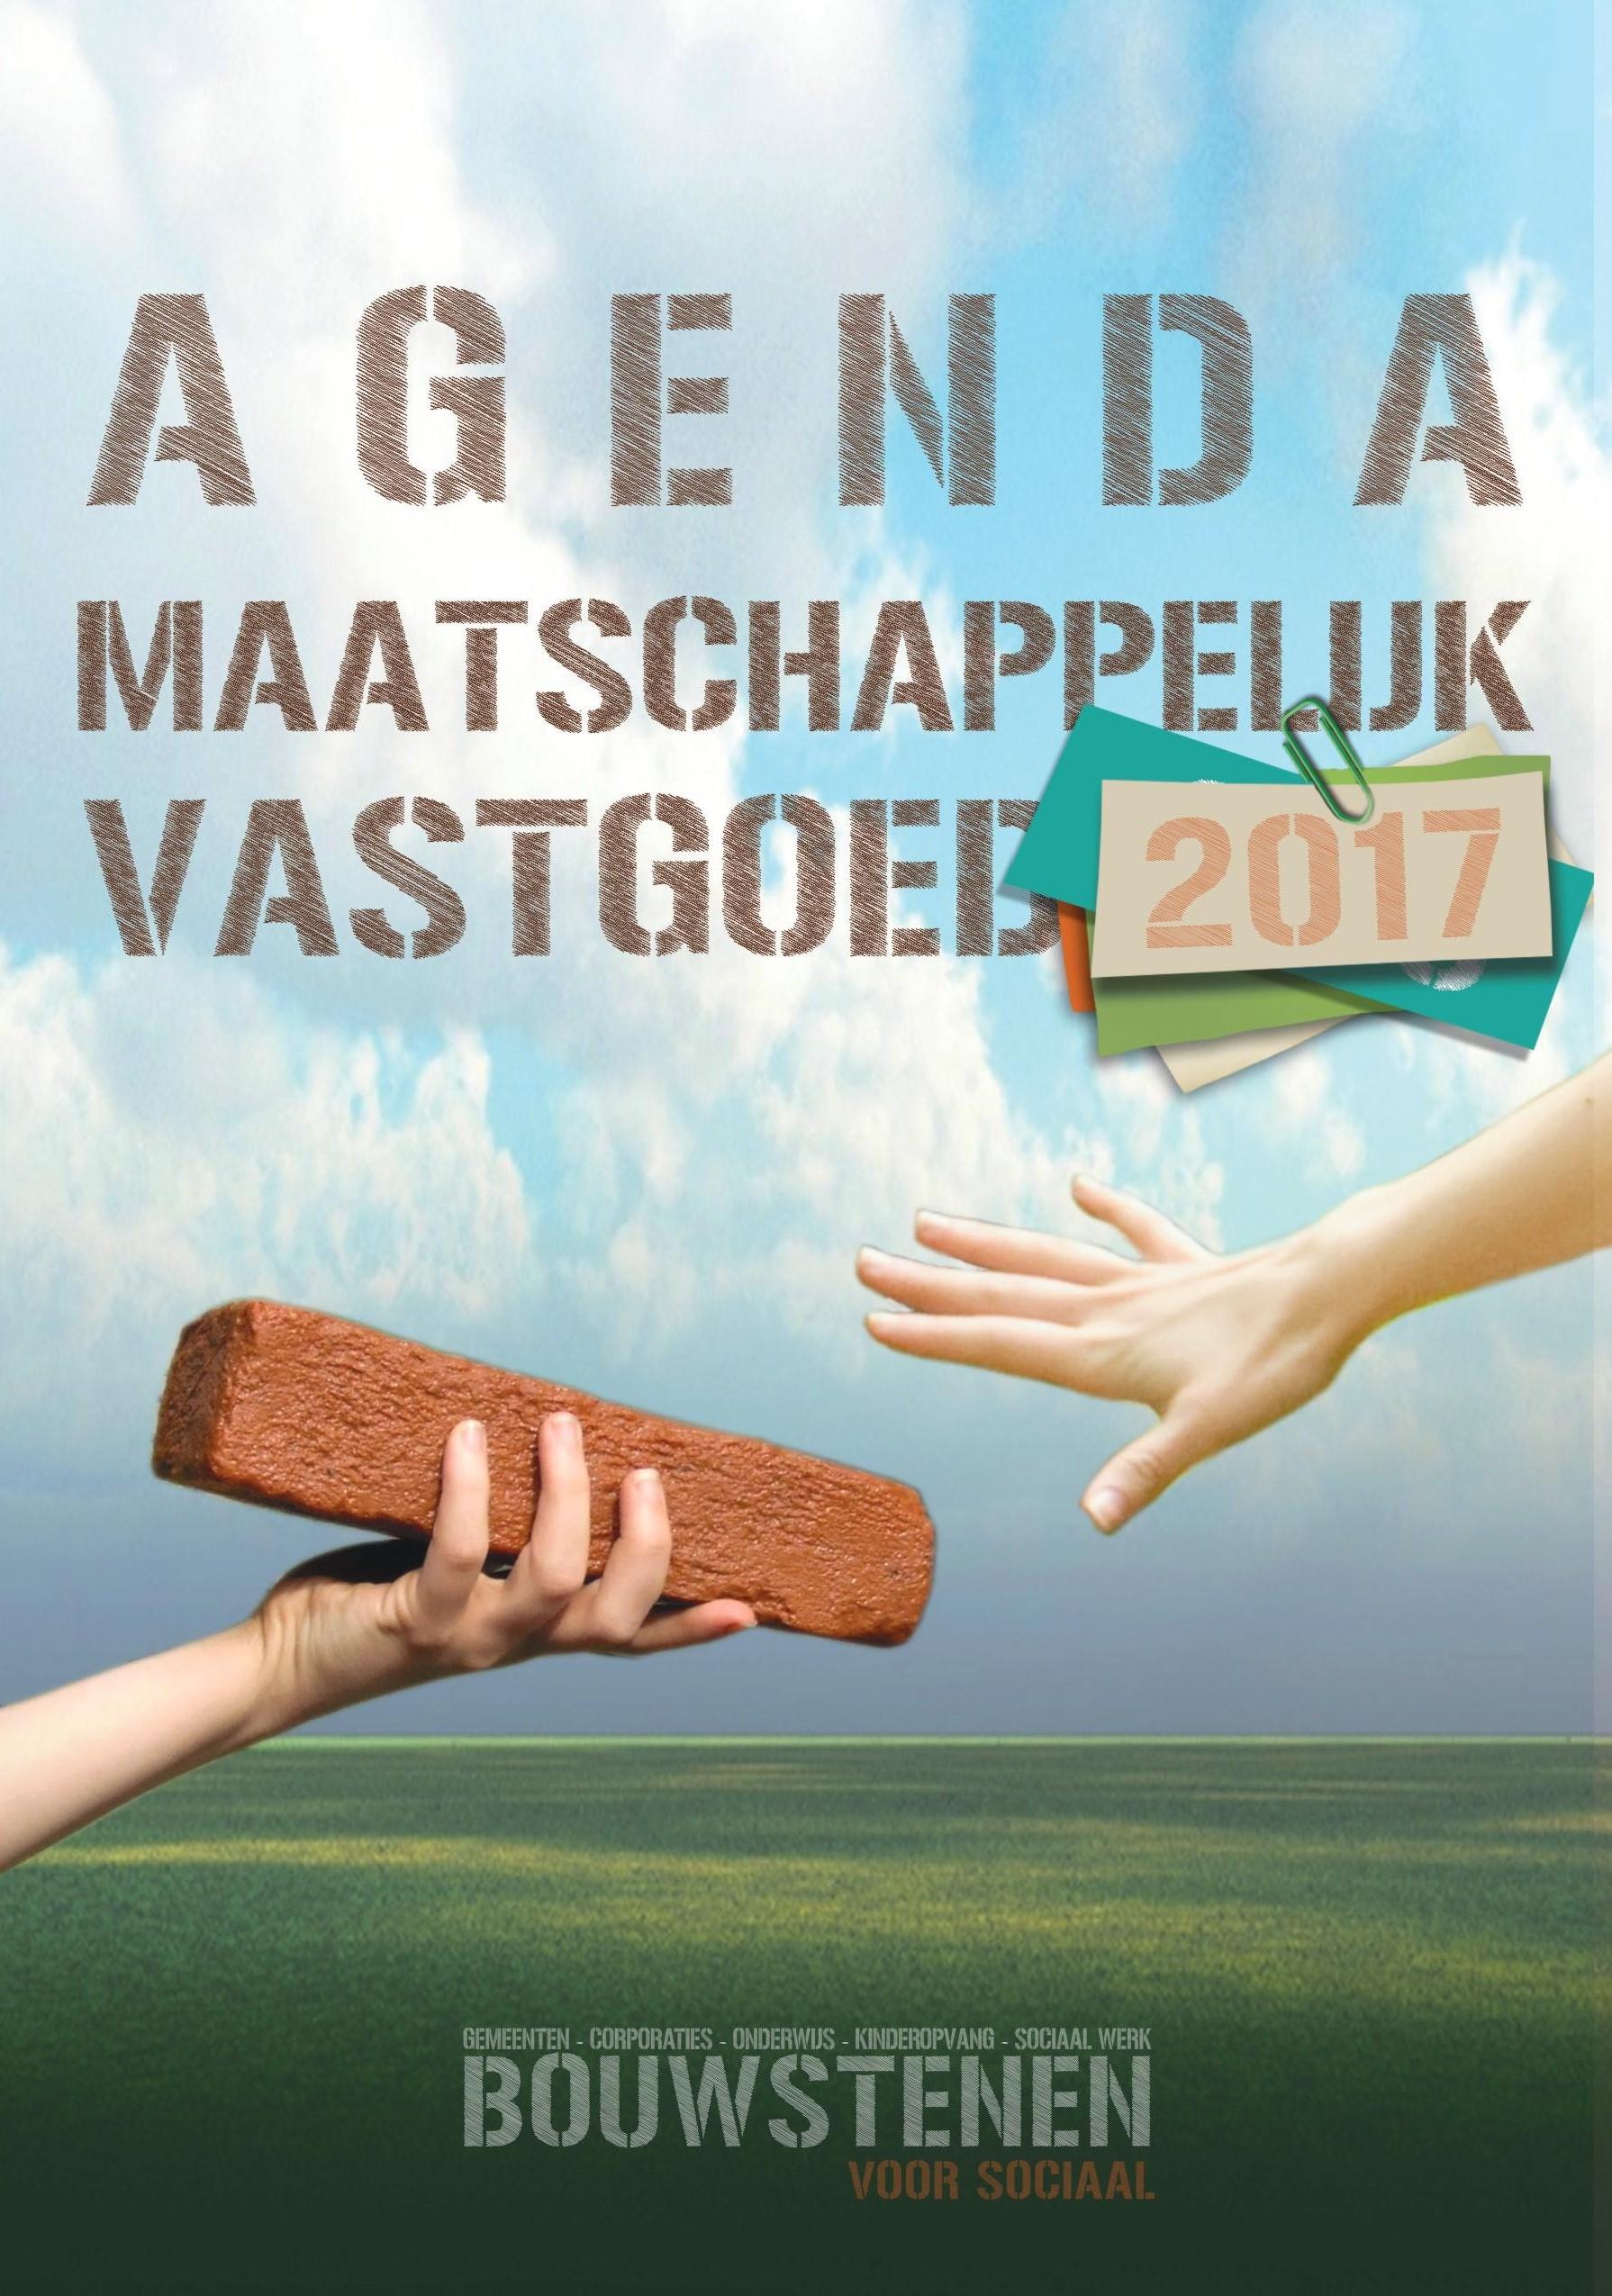 Agenda Maatschappelijk Vastgoed 2017